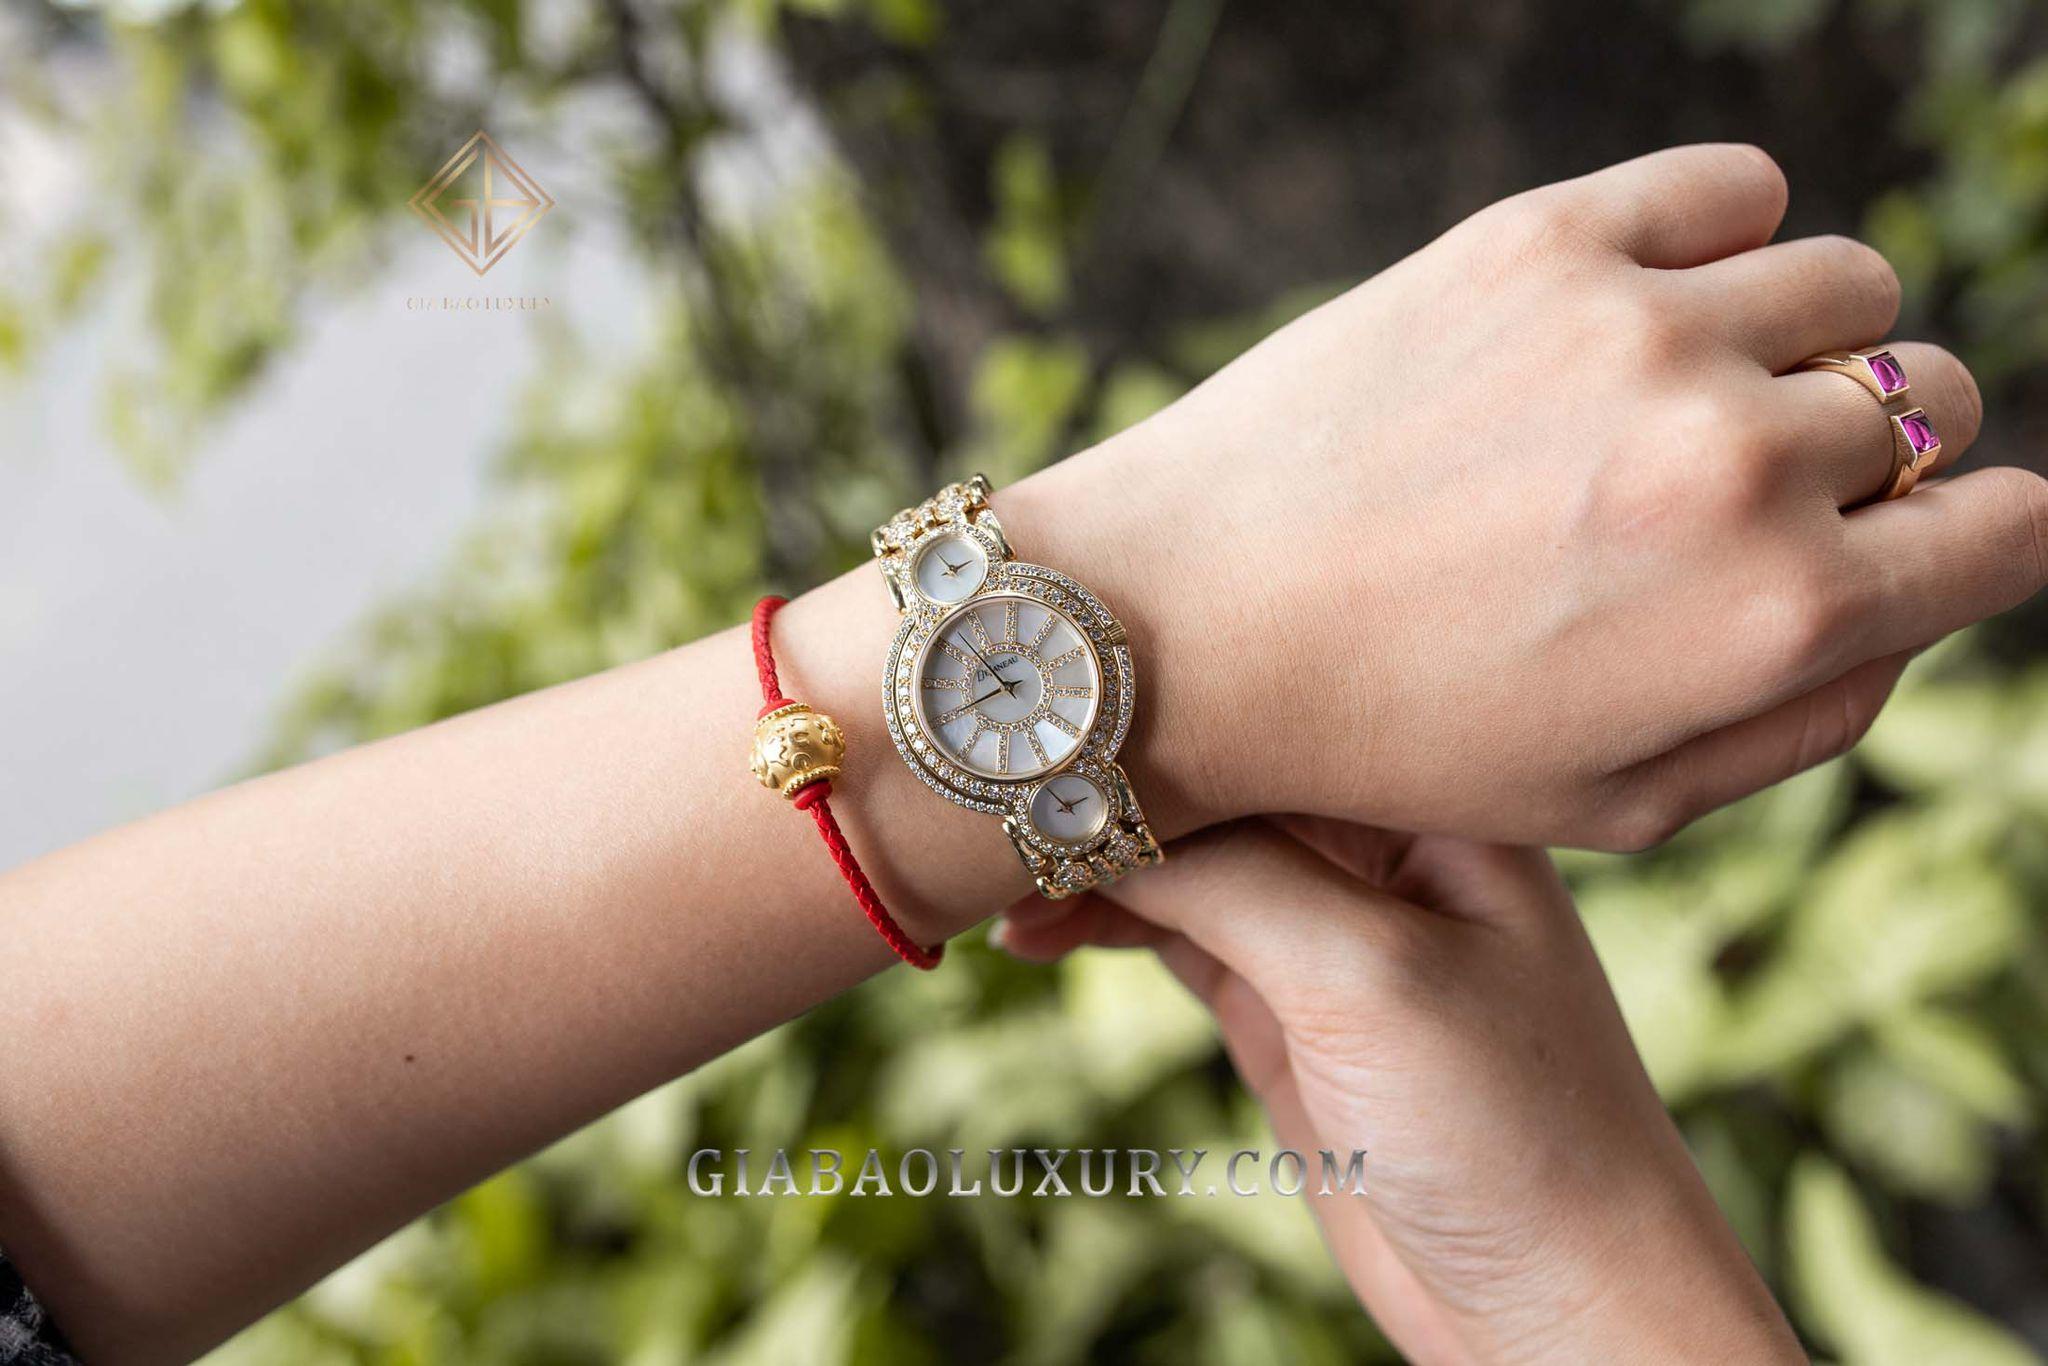 Đồng hồ cao cấp chính hãng đã qua sử dụng là mặt hàng kinh doanh đem lại nhiều lợi nhuận